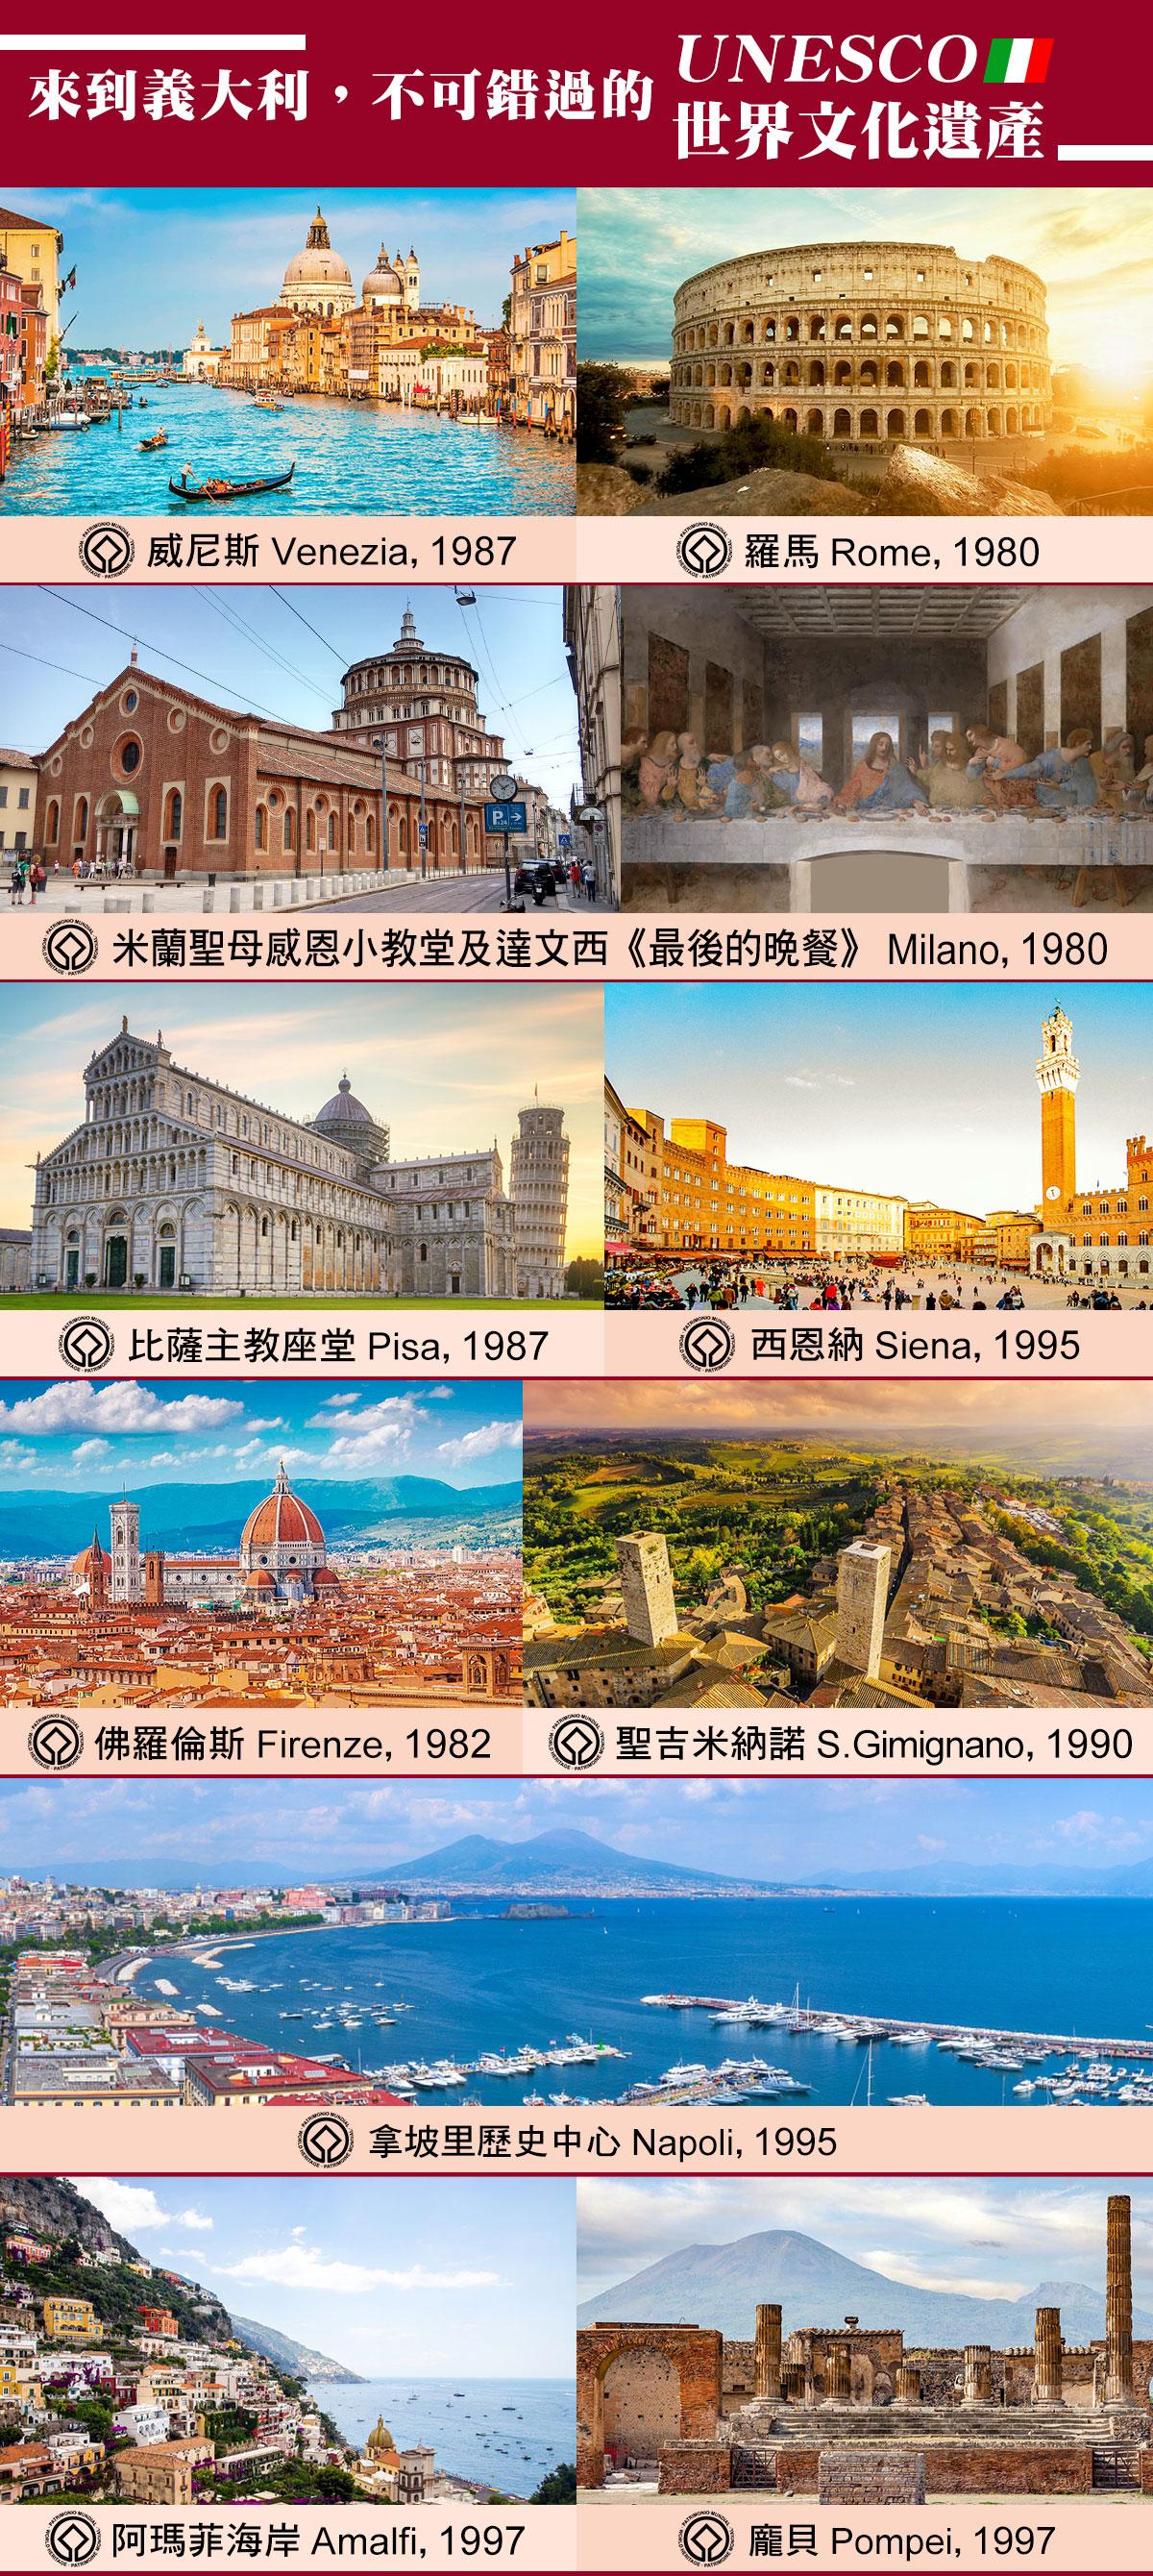 義大利不可錯過的10大世界文化遺產